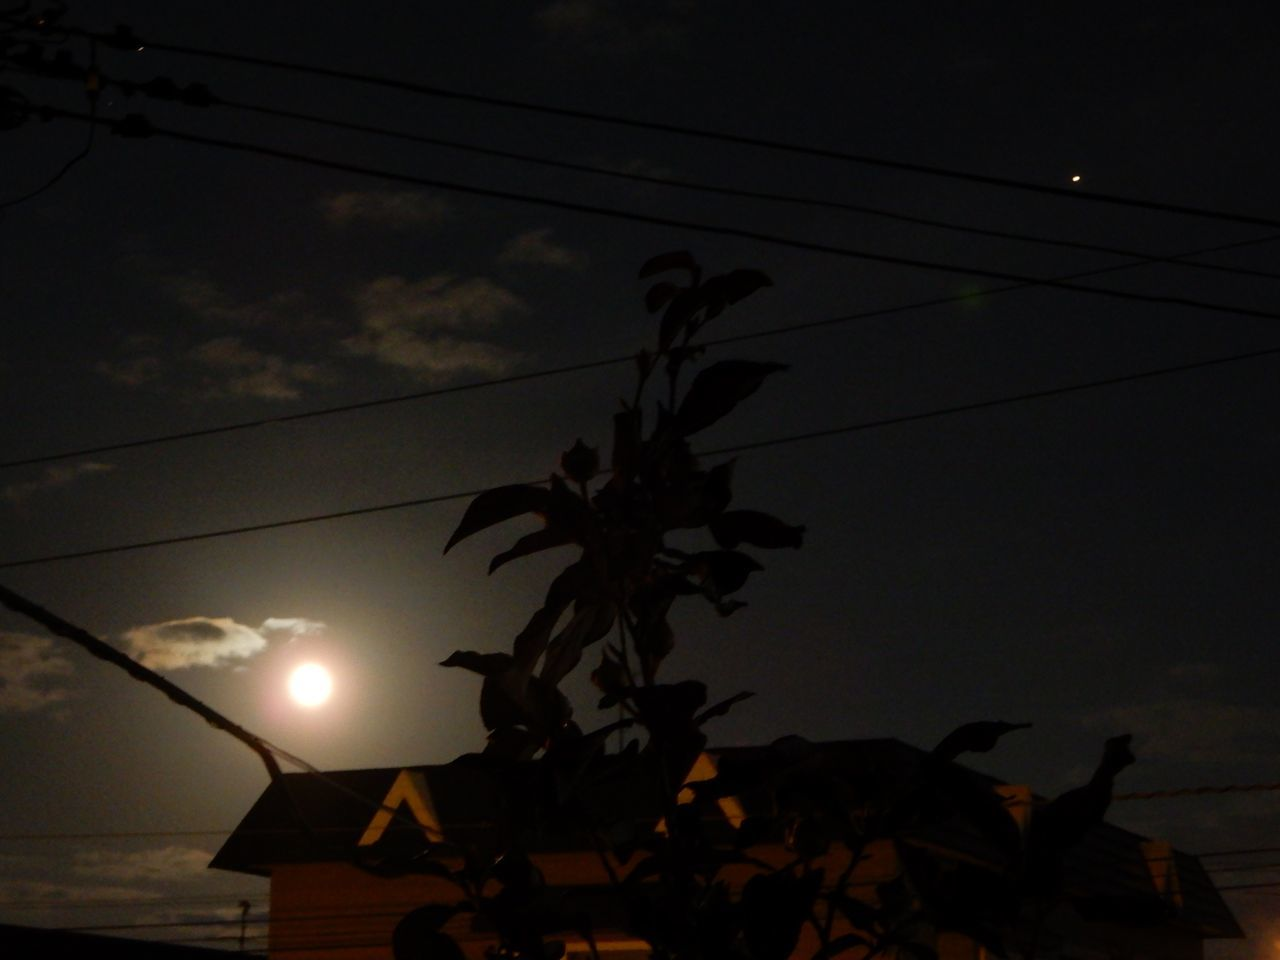 ハロウィーン、満月、ブルームーン、マイクロムーン、となりに火星_c0025115_22384309.jpg